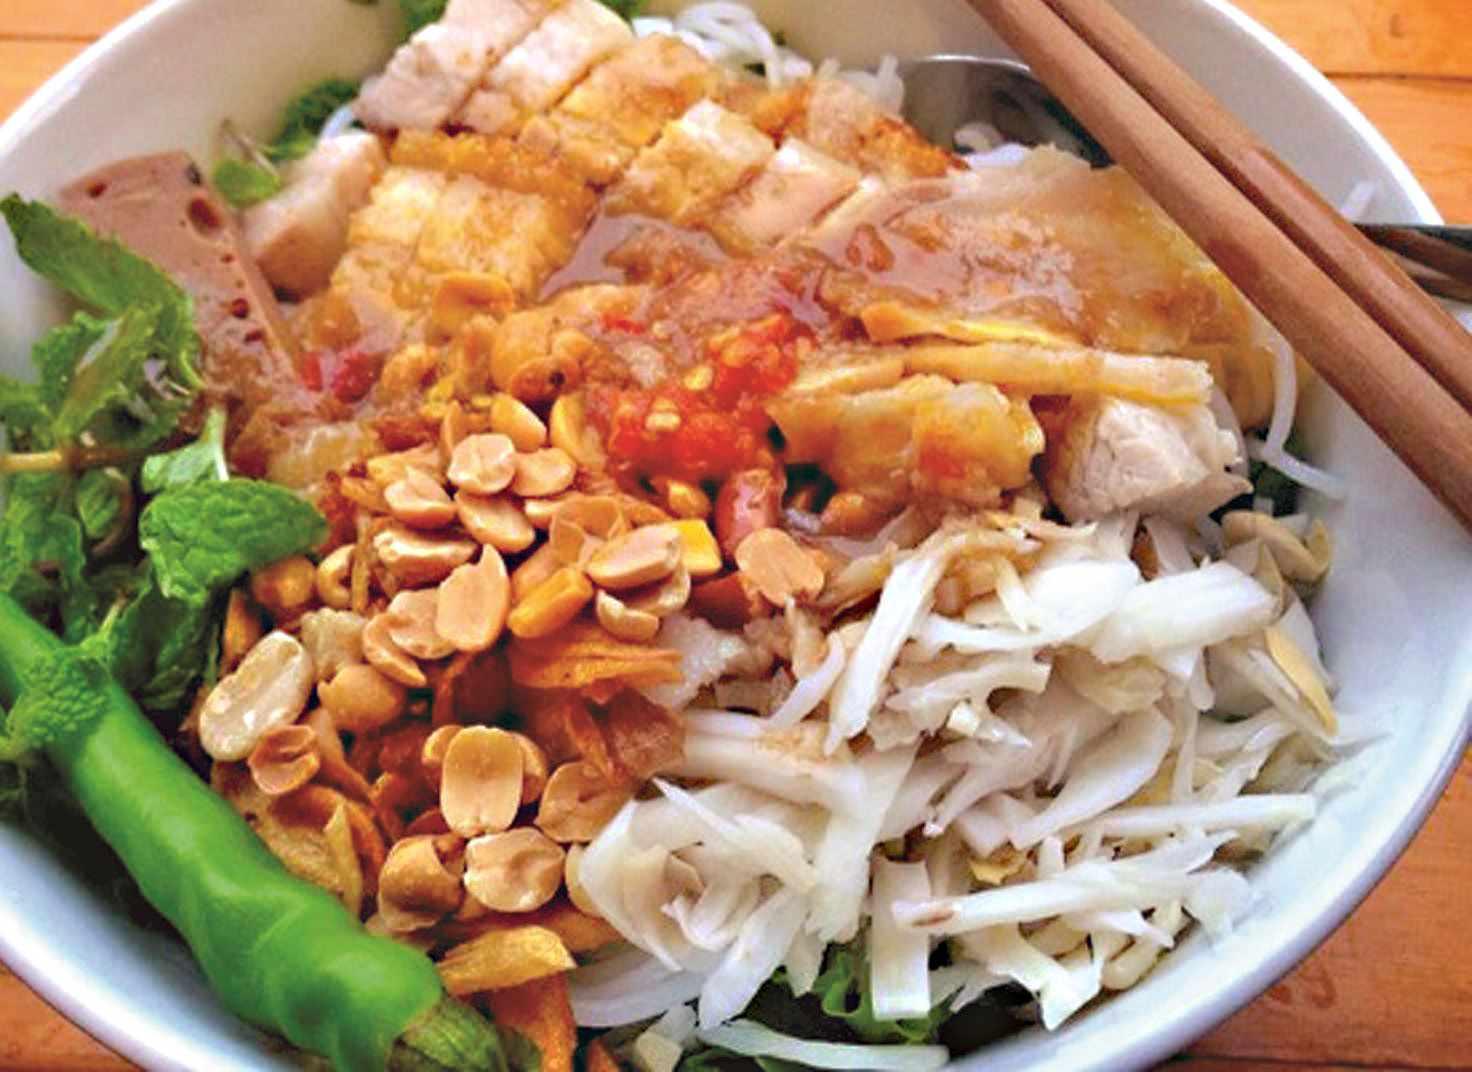 Bún mắm nêm tuy hơi khó ăn nhưng đã ăn là phải thèm. Tour du lịch Ninh Thuận. tour Ninh Thuận.